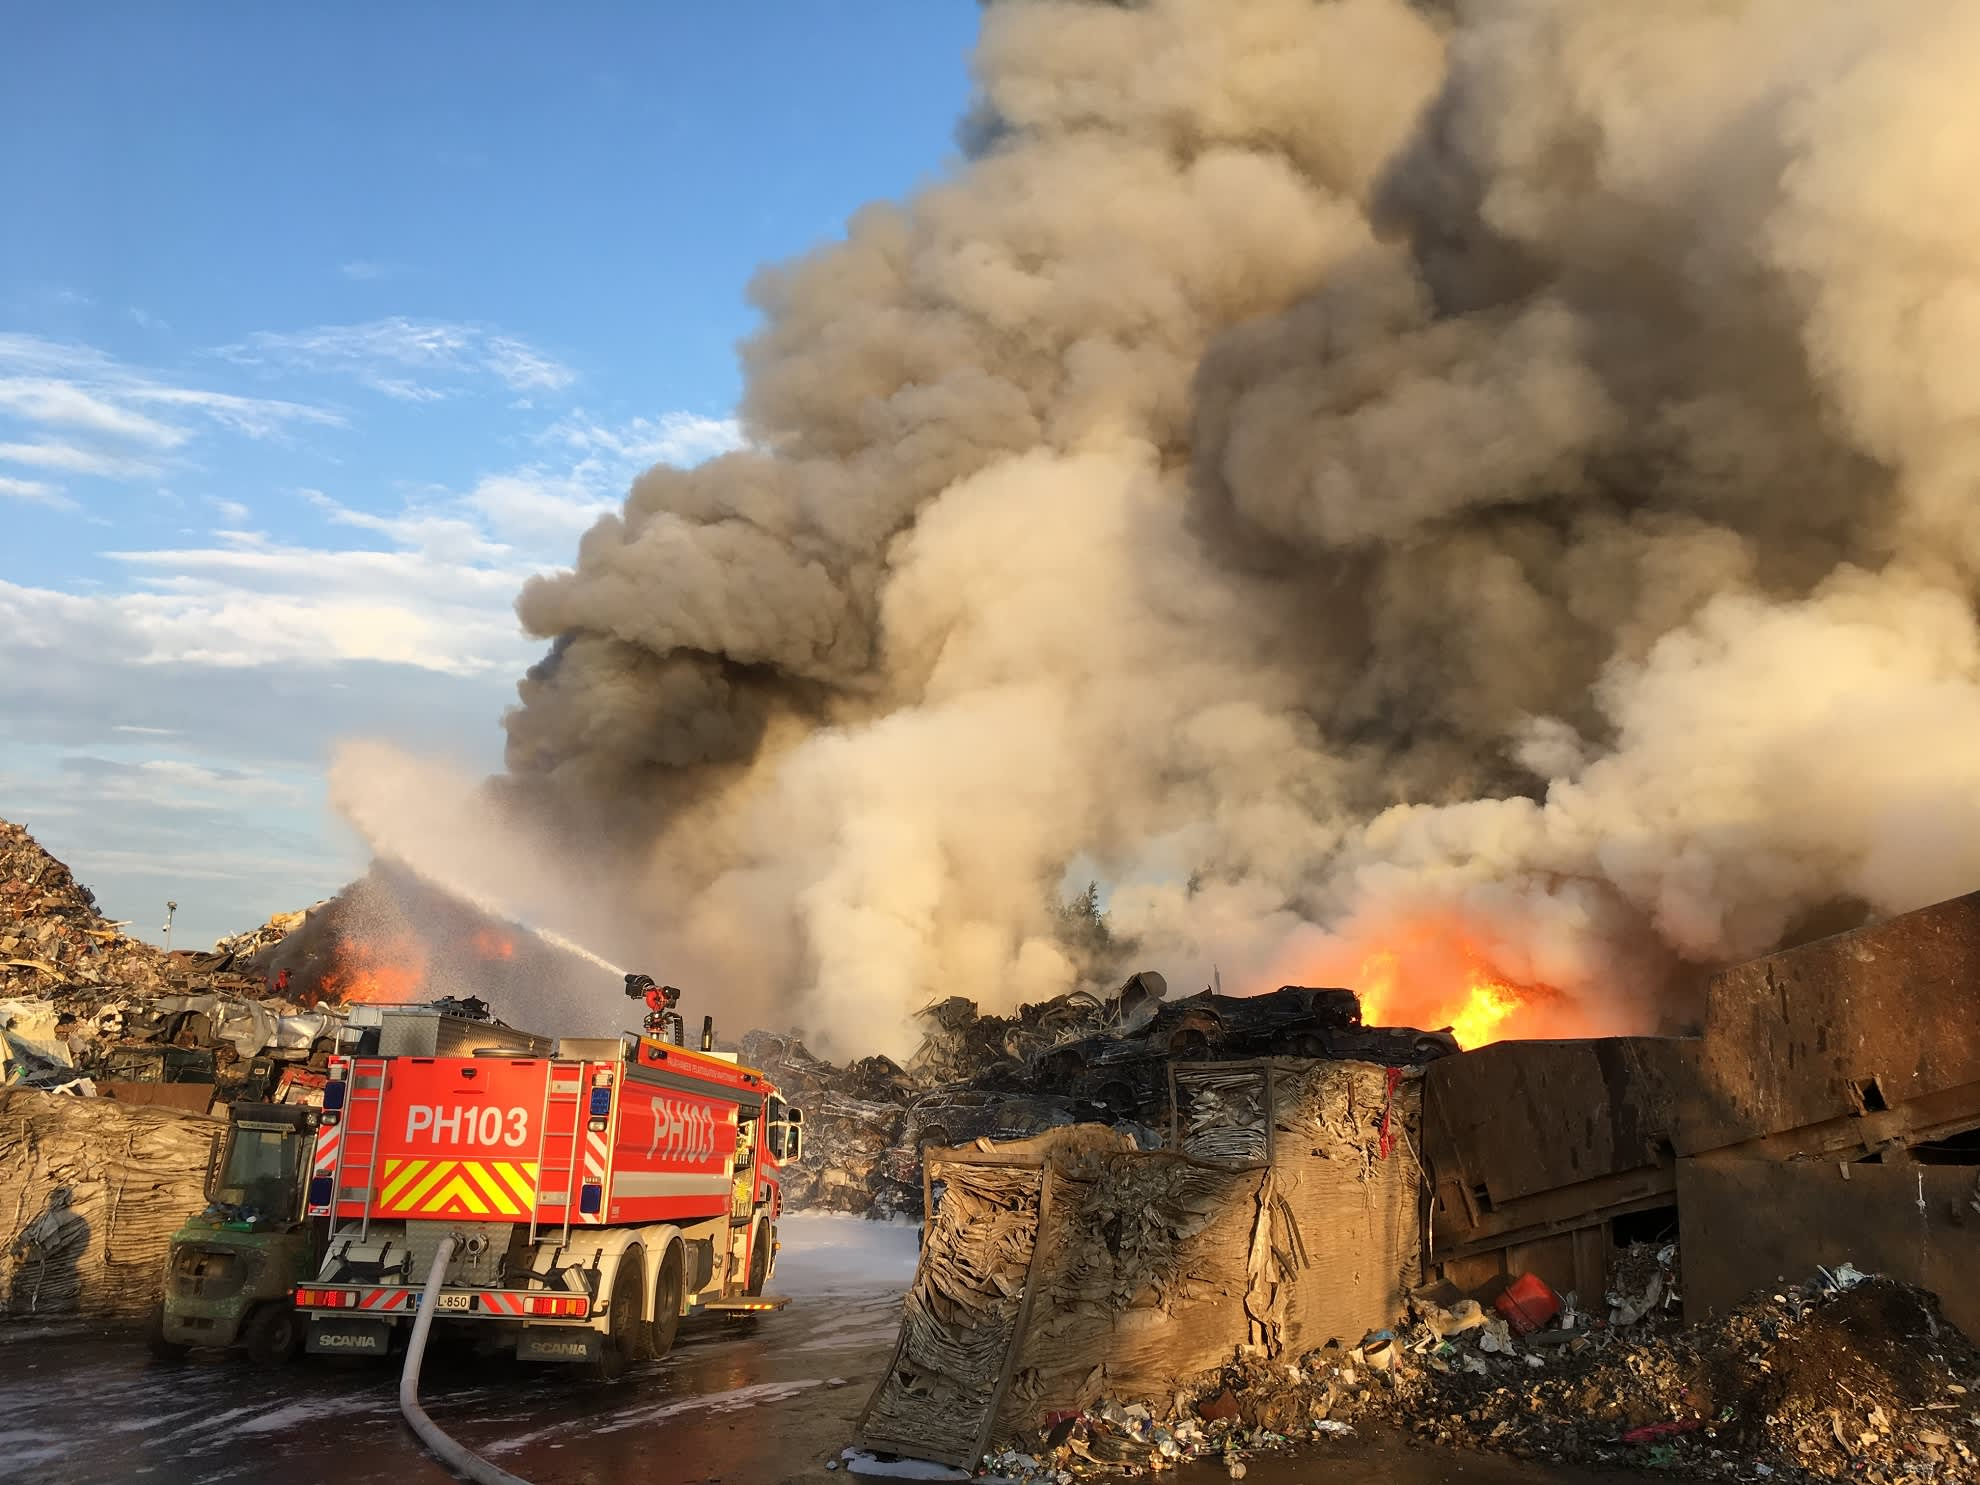 Palaa jäteautokasa levittää runsaasti vaarallista savua lähiympäristöön.